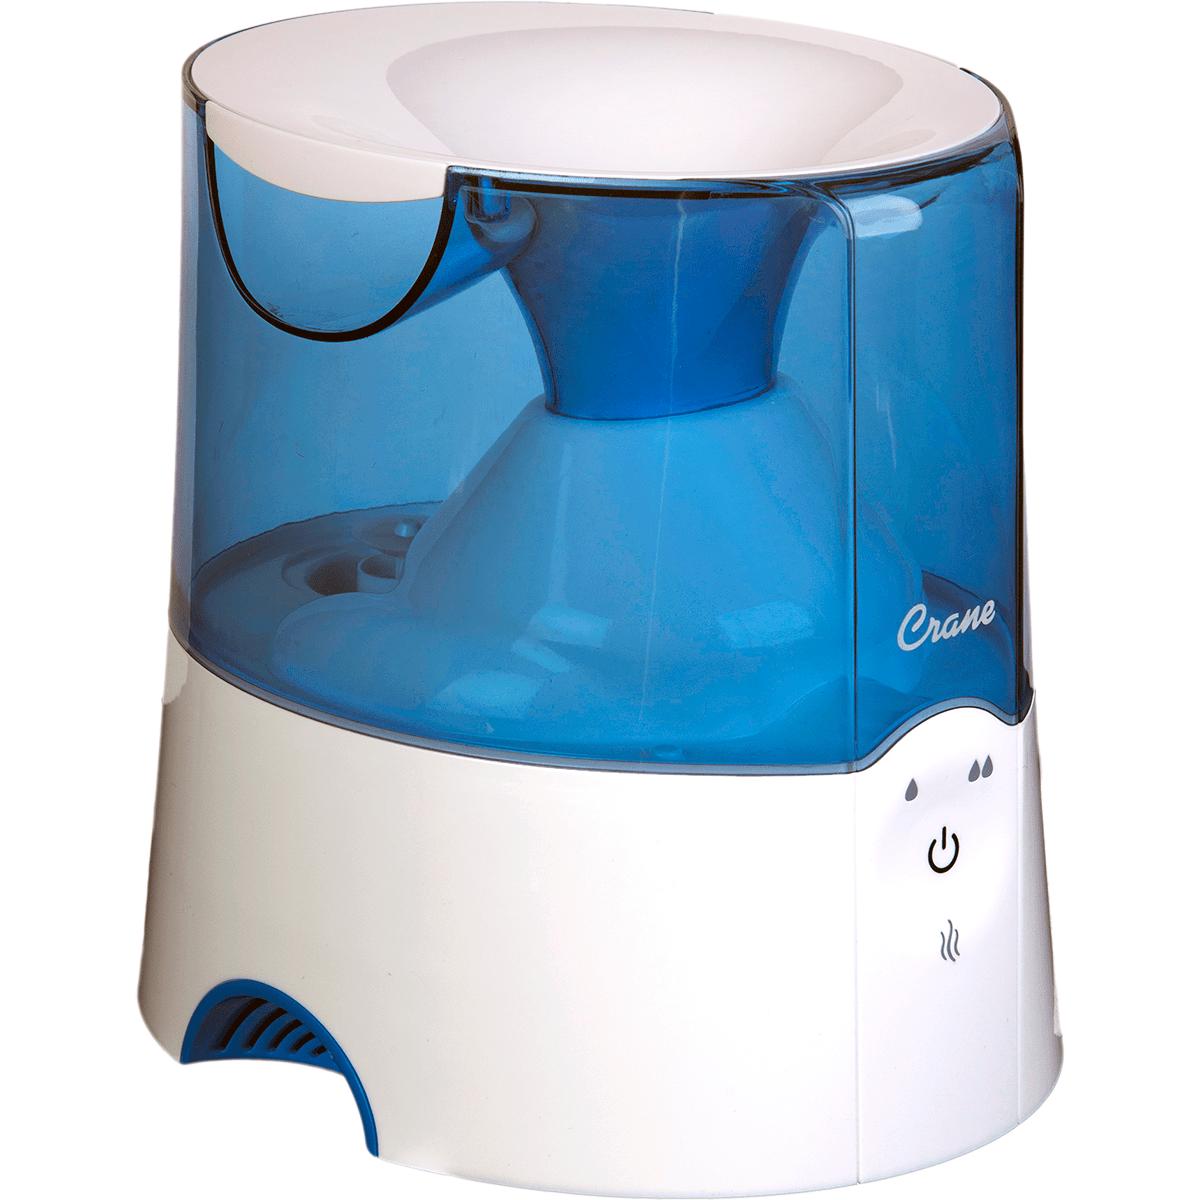 Crane 2-in-1 Warm Mist Humidifier And Steam Inhaler